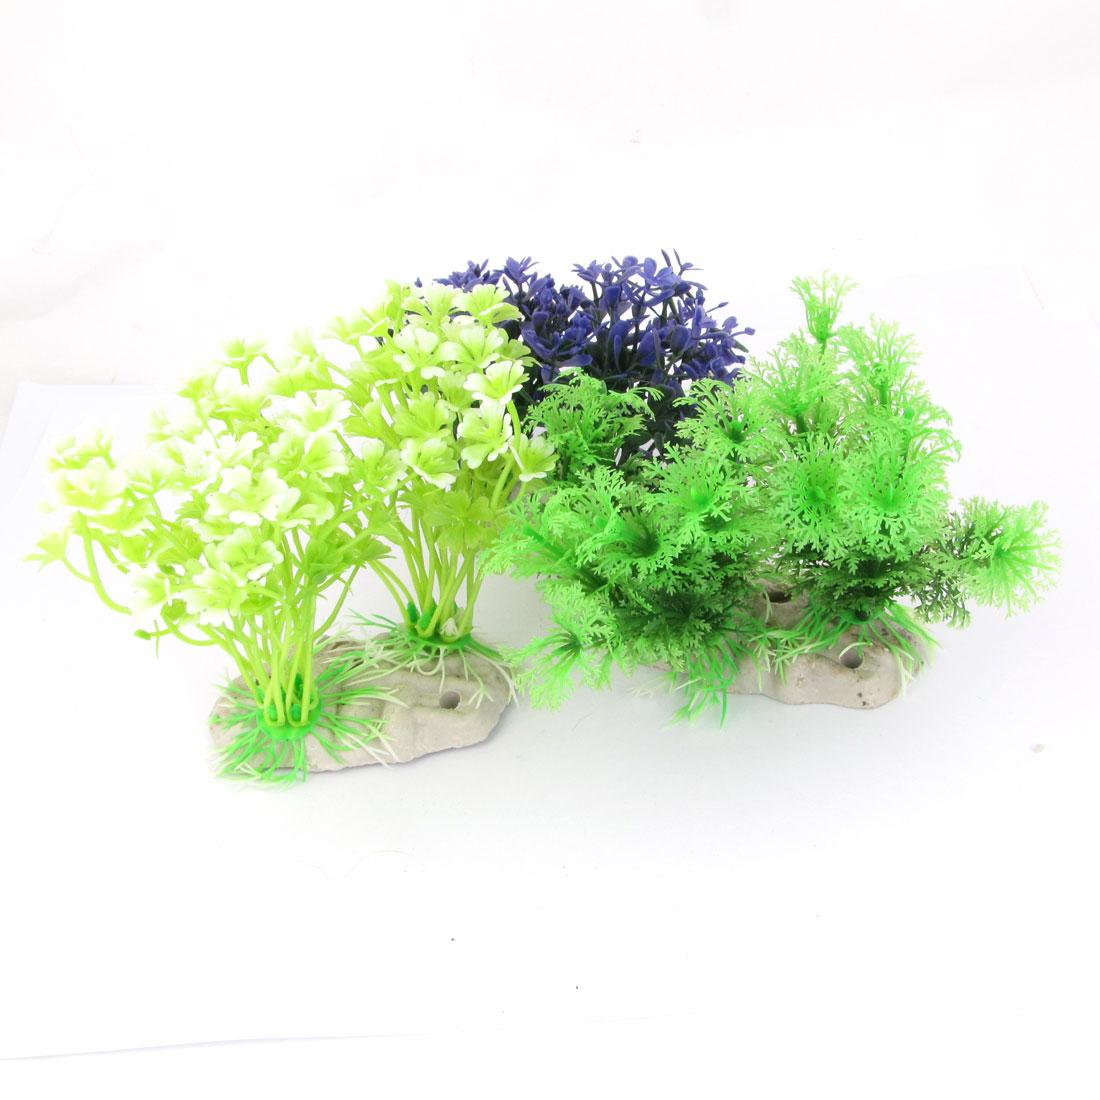 """Aquarium Purple Green Landscaping Plastic Aquatic Plant Grass 3.7"""" High 3 Pcs"""